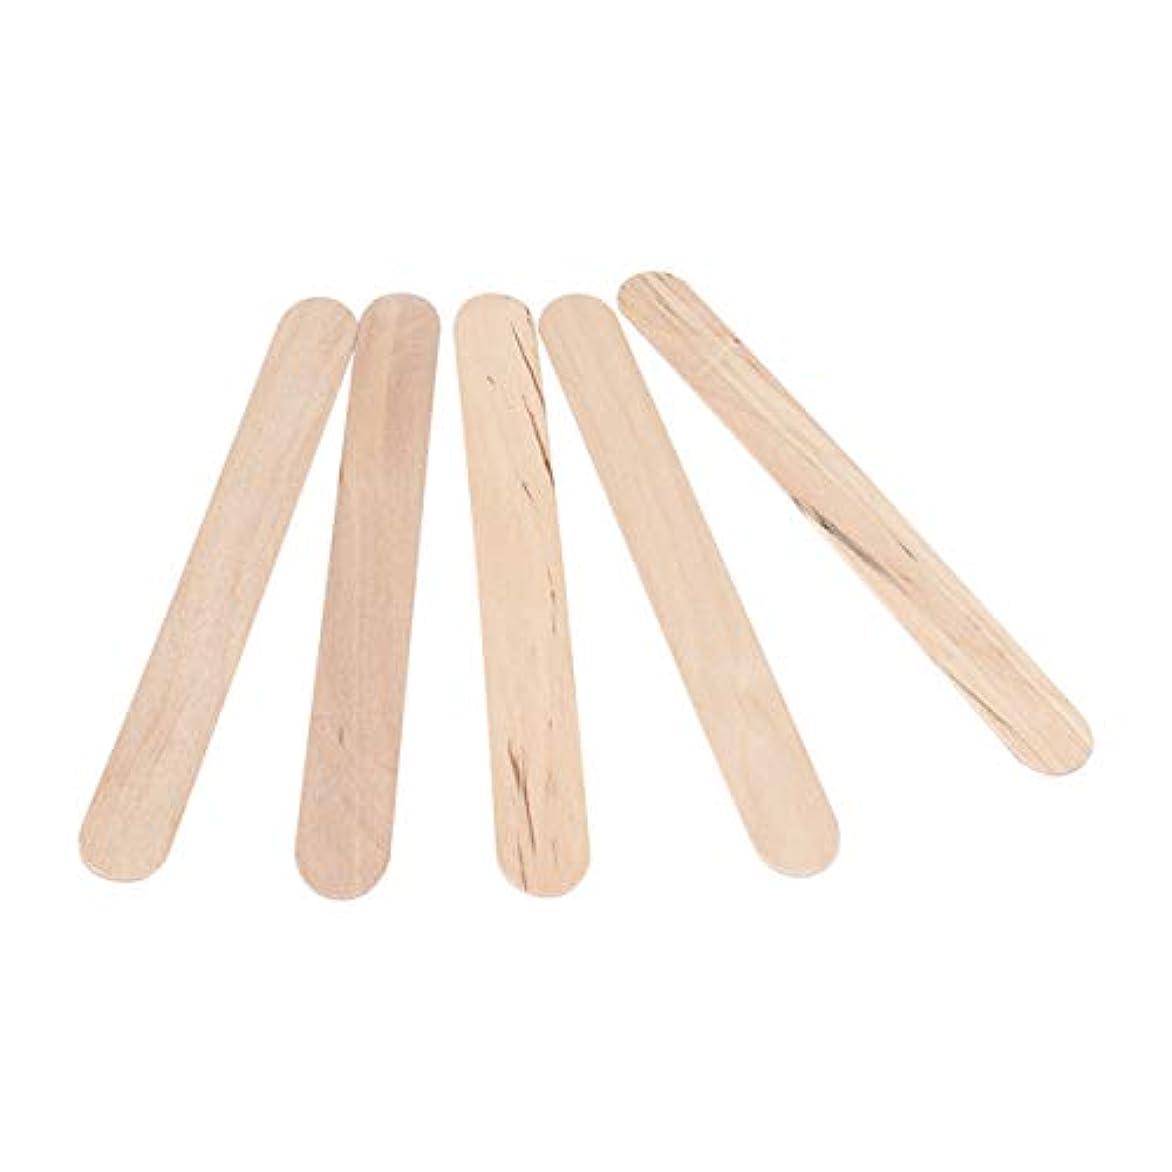 重なる誘惑欲望STOBOK 300PCSワックスは使い捨てワックスへらスティック木製のワックス塗布器は、木材舌圧子木製のアイスキャンデークラフトスティックスティック